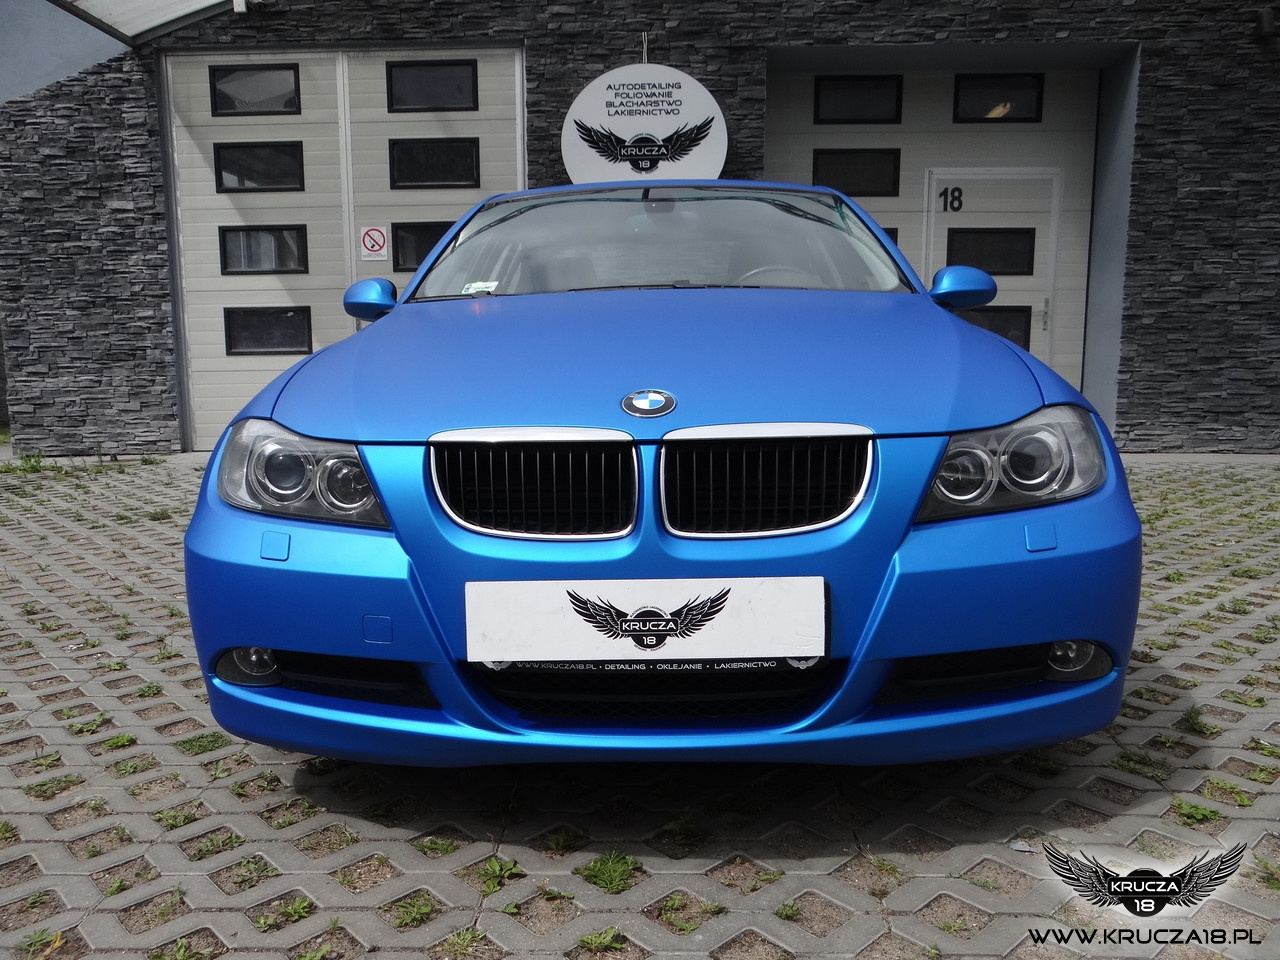 BMW 3 : zmiana koloru auta folią : blue aluminium : oklejanie : Krucza18 : Osielsko/k.Bydgoszczy